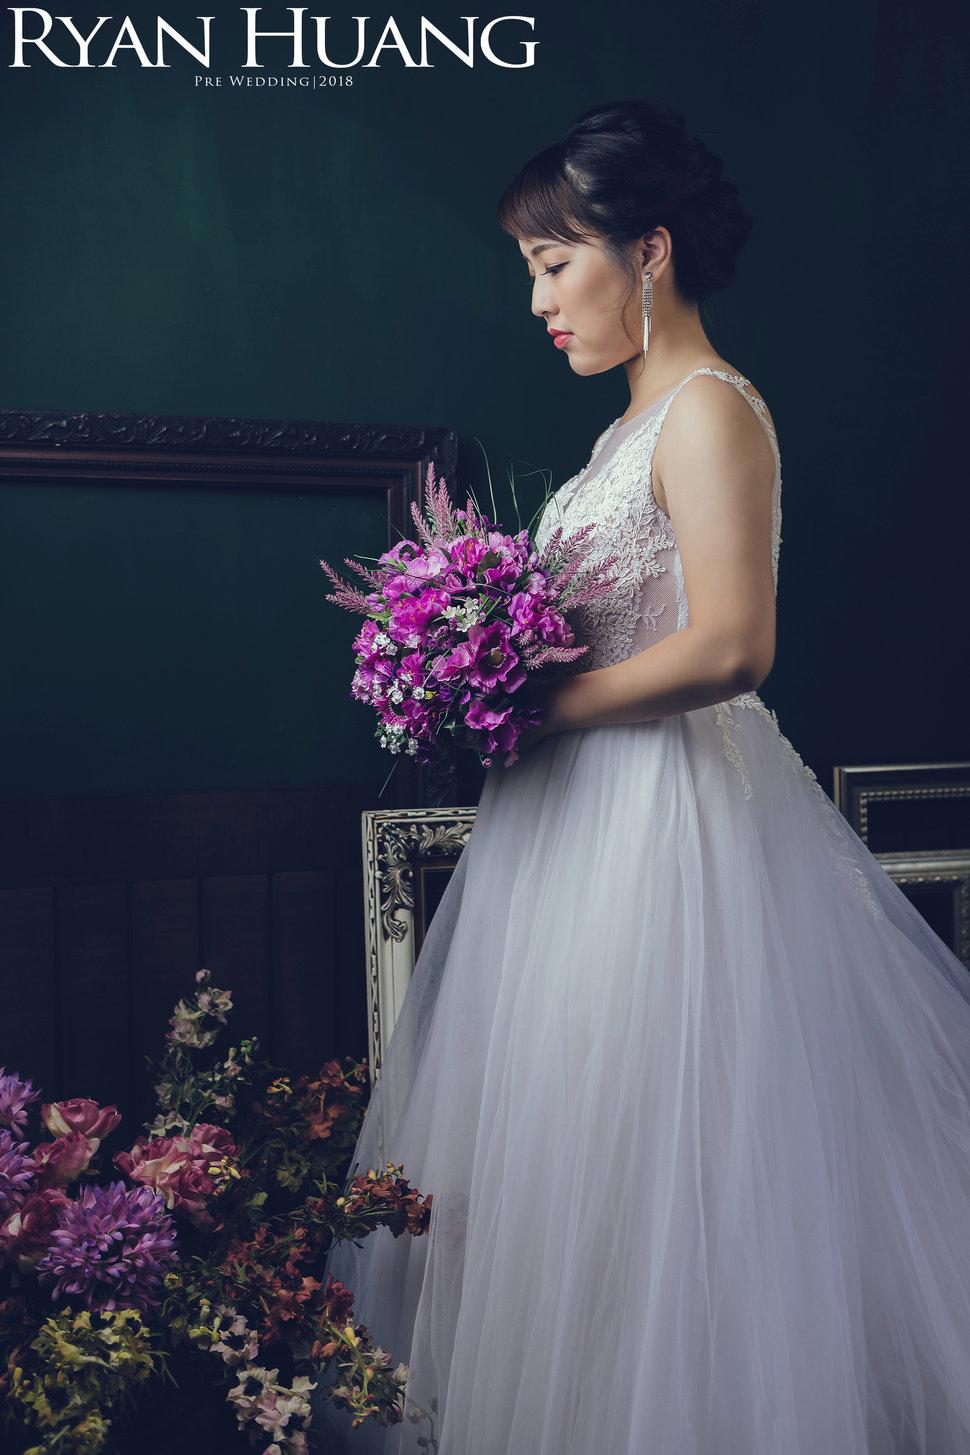 自助婚紗|高雄 - Ryan Huang 萊恩影像工作室《結婚吧》